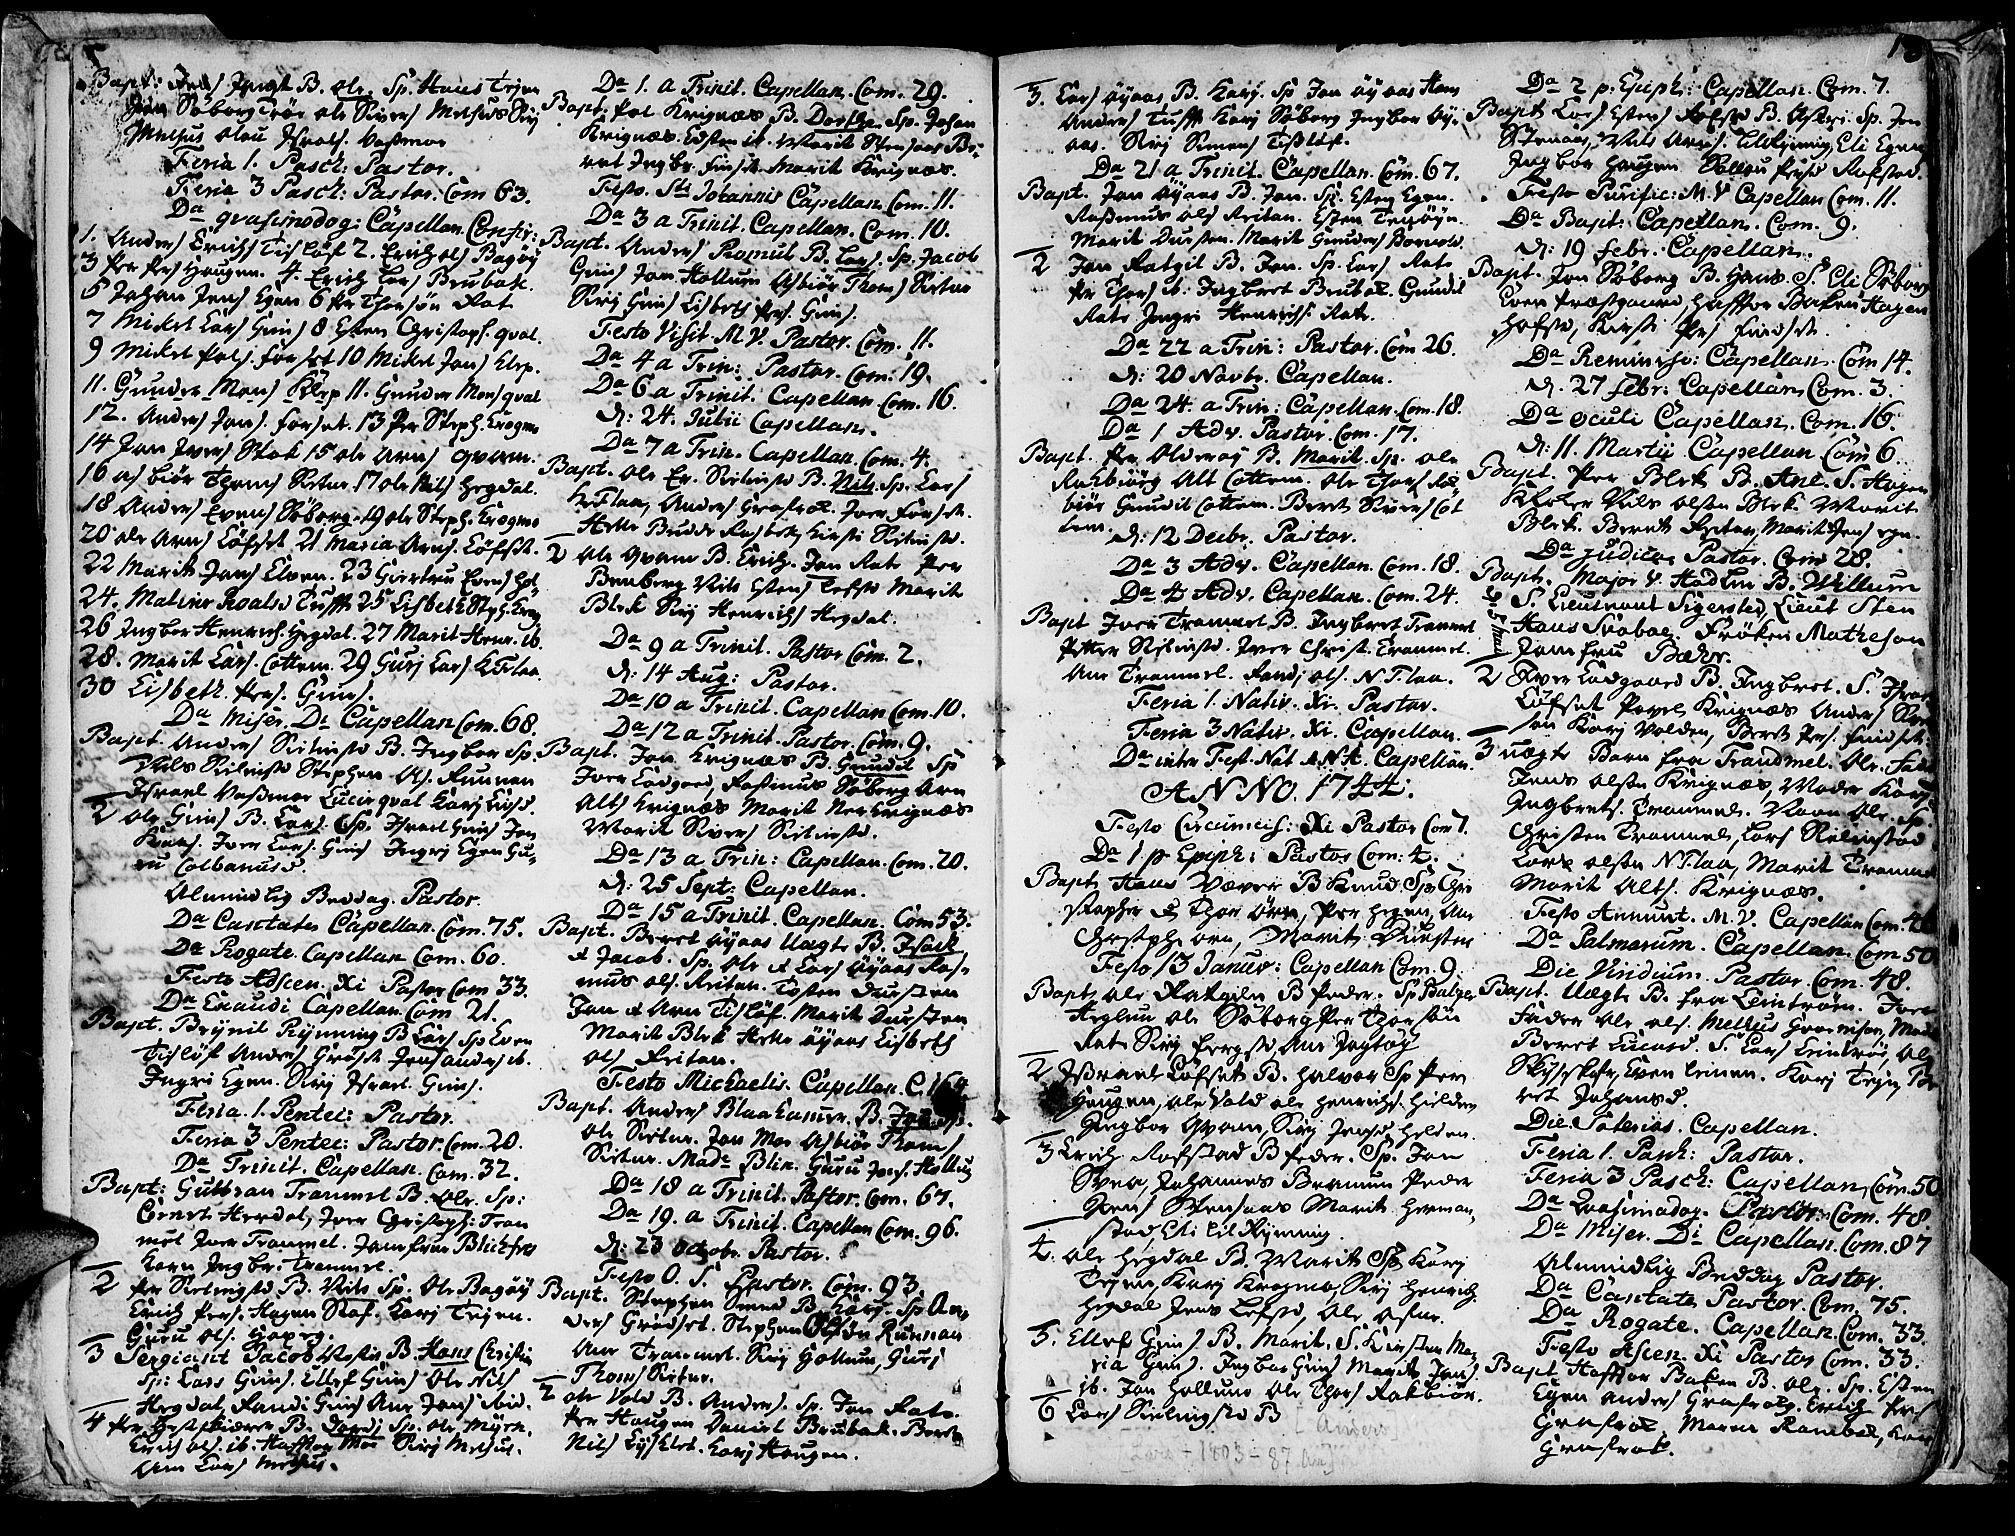 SAT, Ministerialprotokoller, klokkerbøker og fødselsregistre - Sør-Trøndelag, 691/L1057: Ministerialbok nr. 691A01 /1, 1740-1767, s. 18